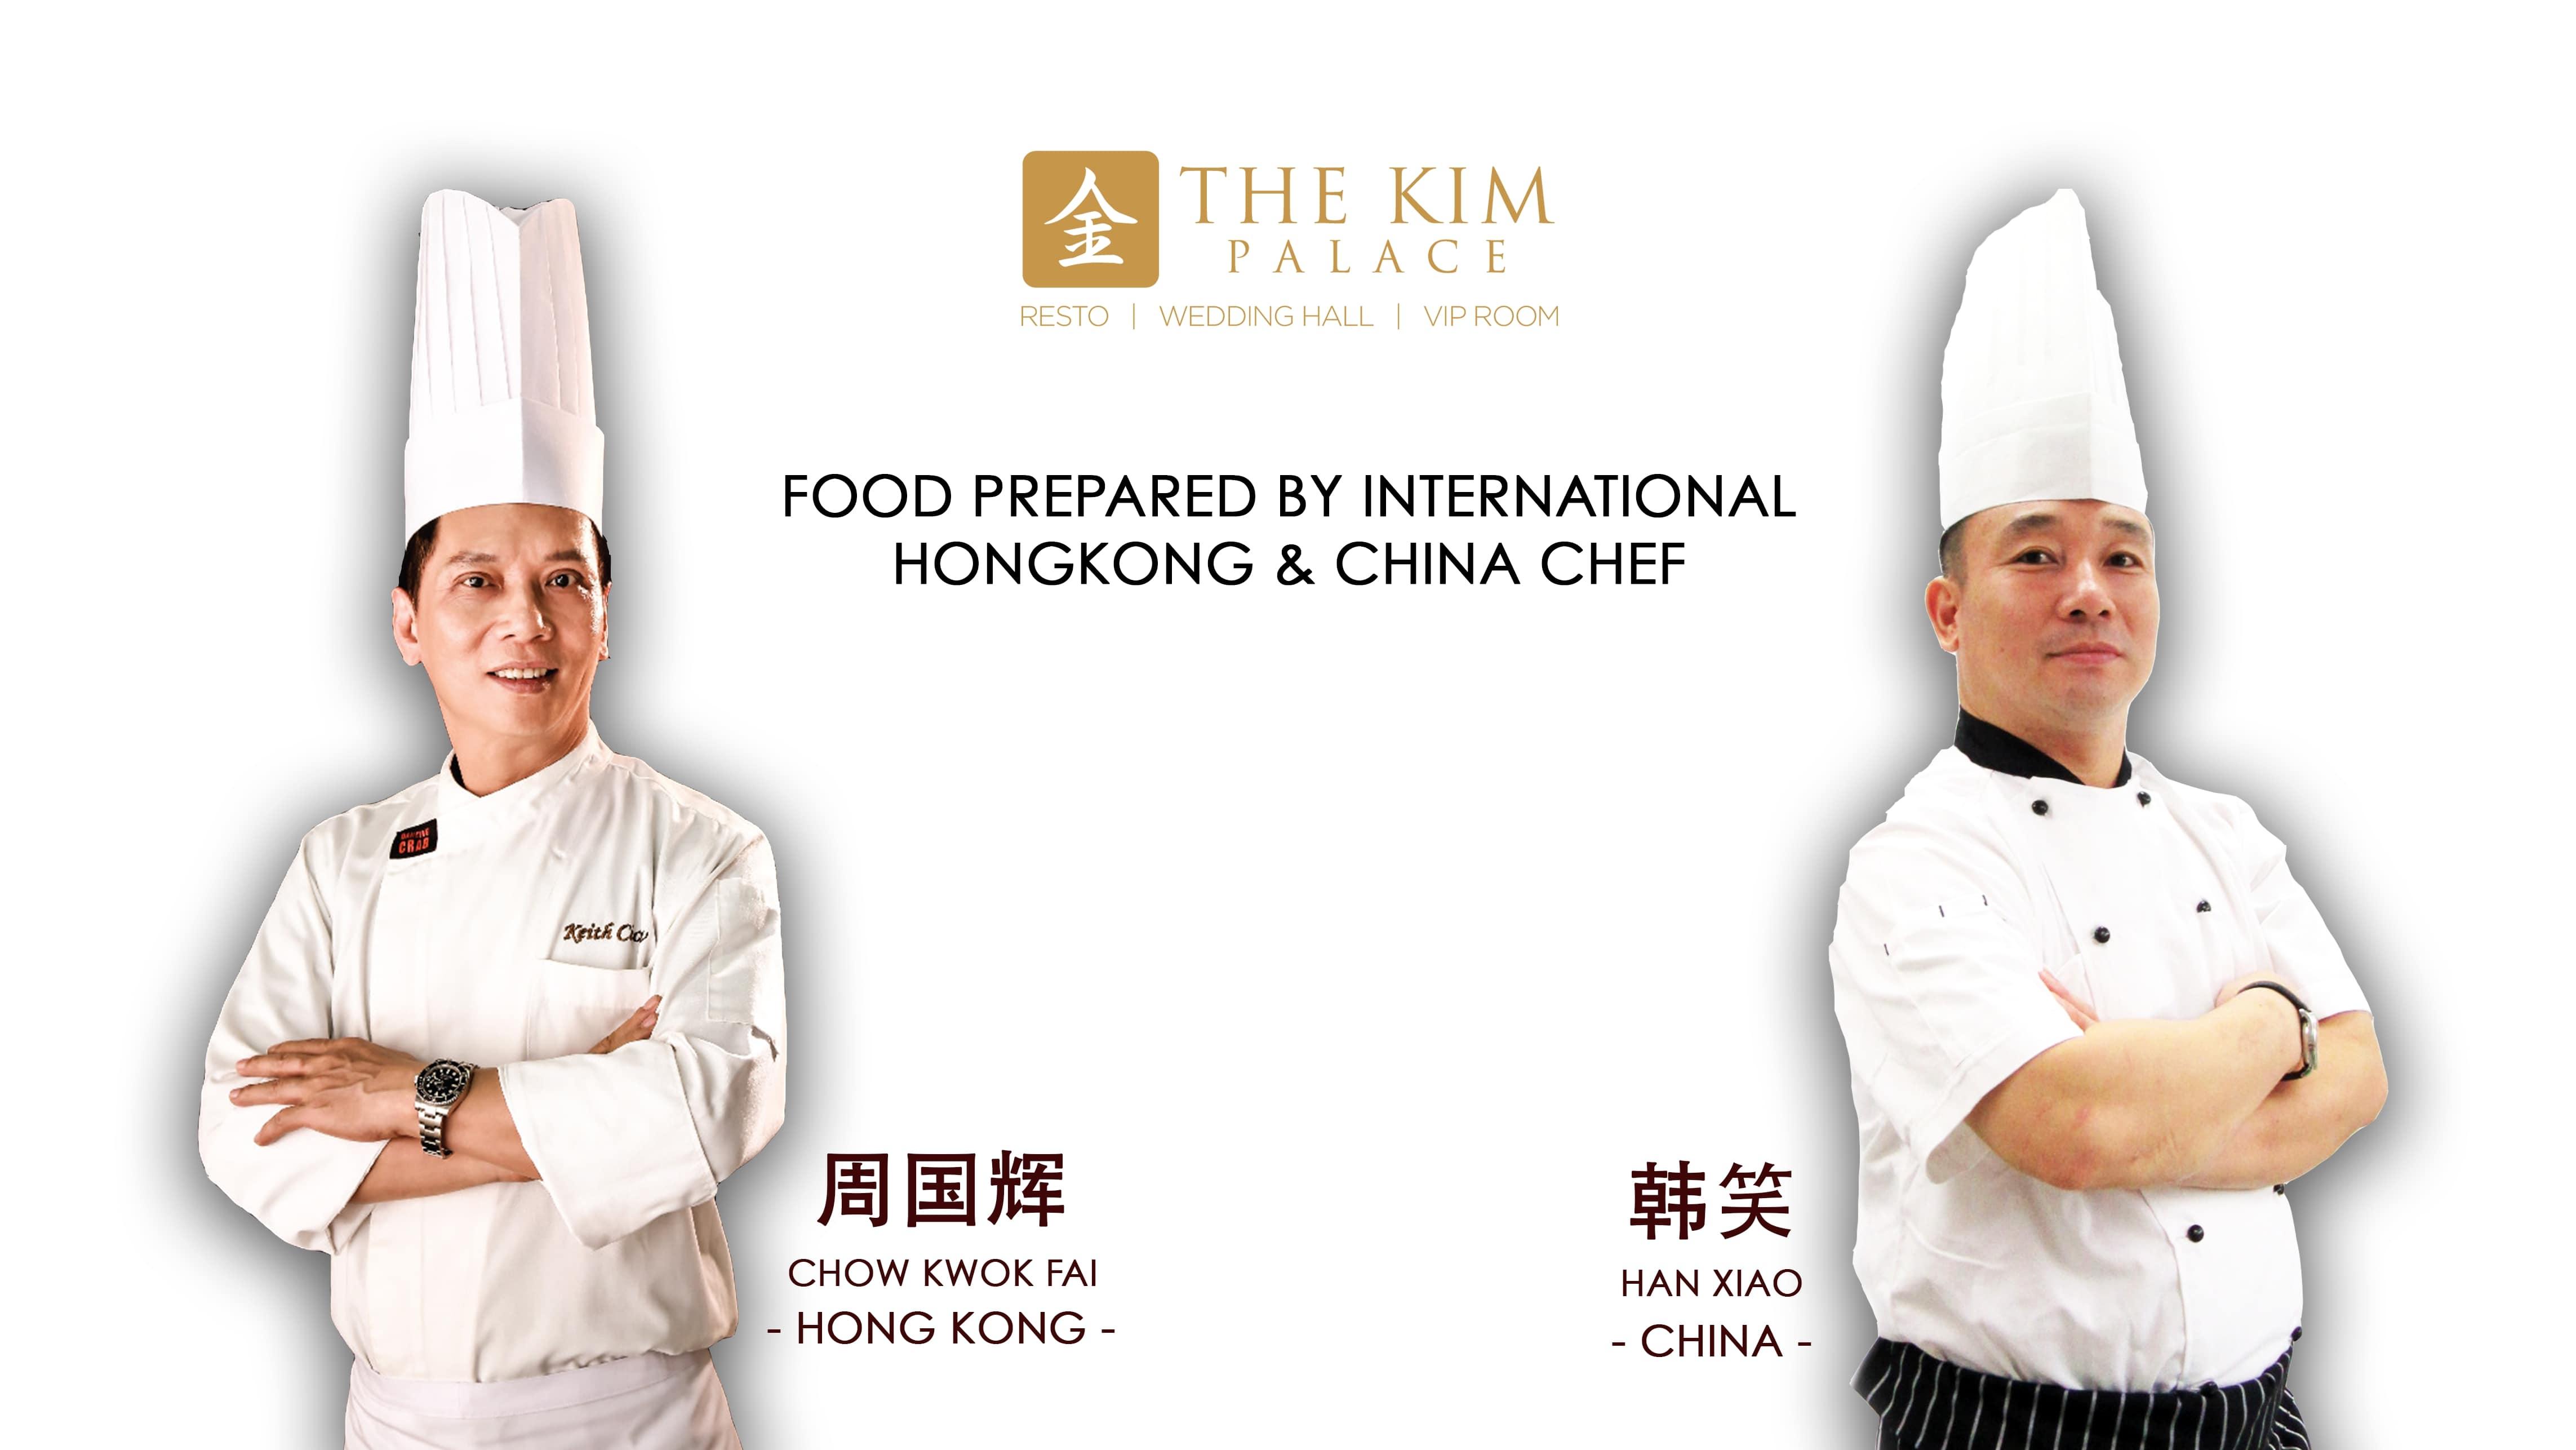 THE KIM chef PIC